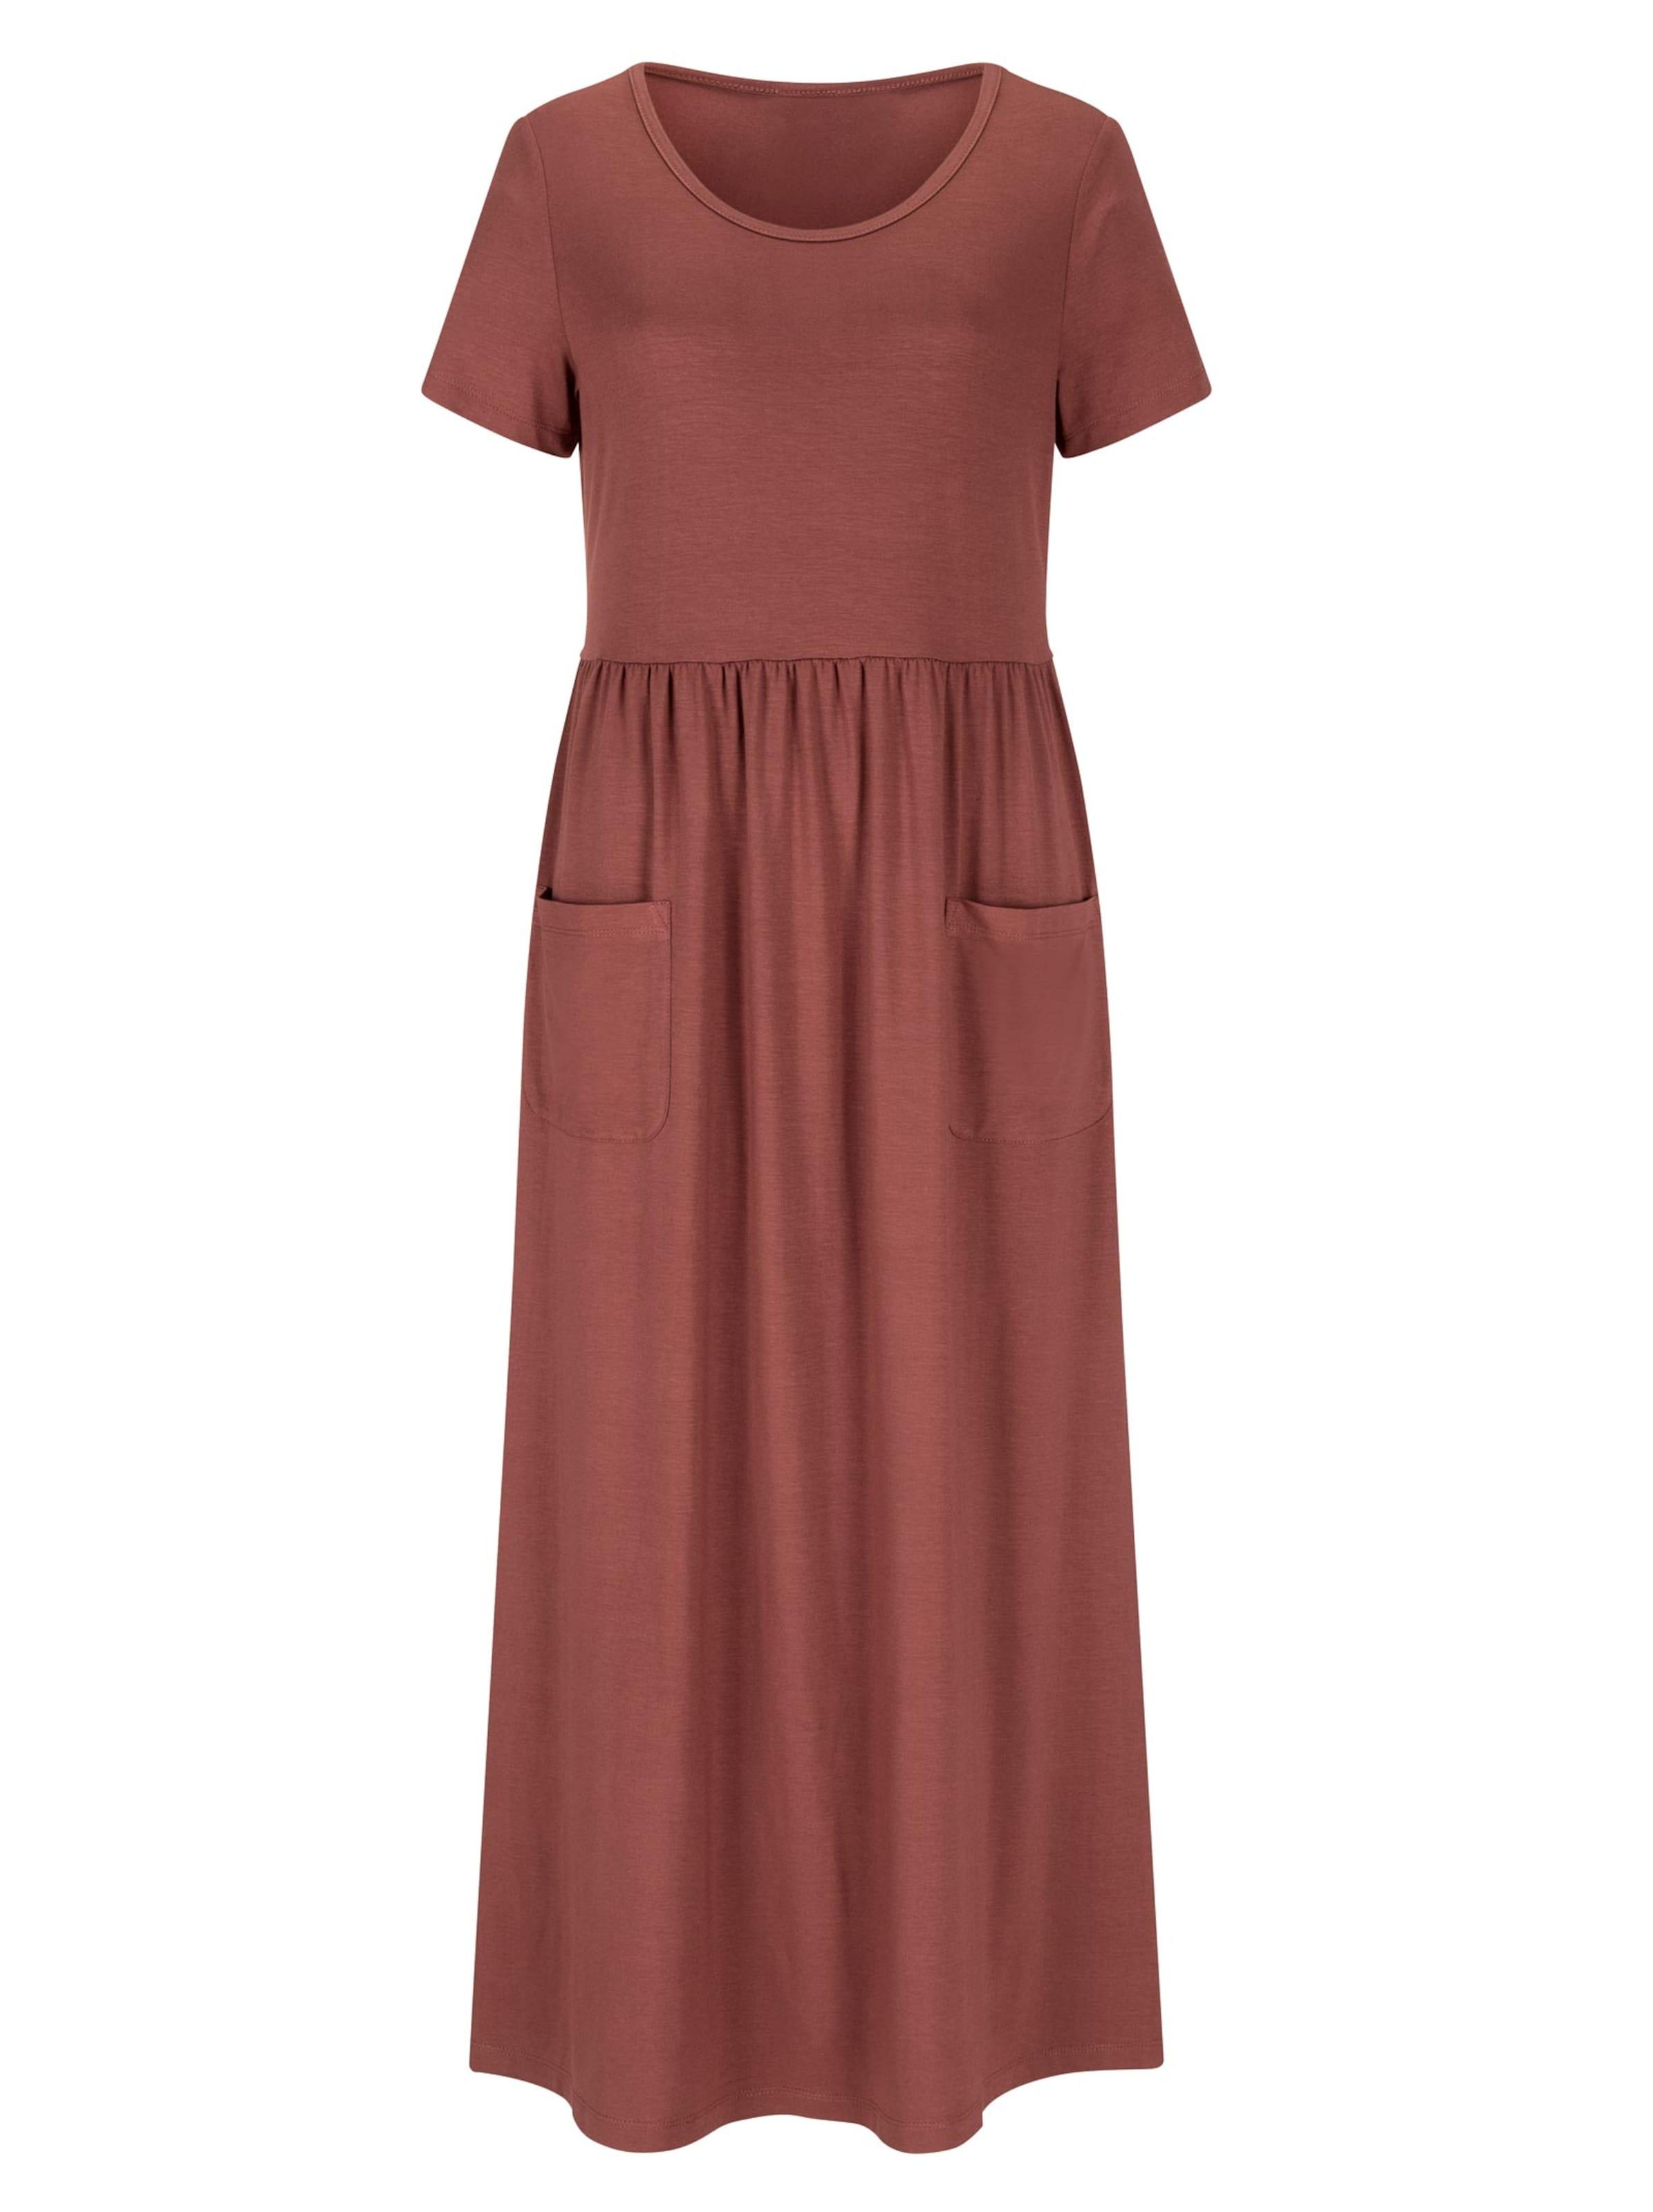 witt weiden -  Damen Jersey-Kleid rotbraun